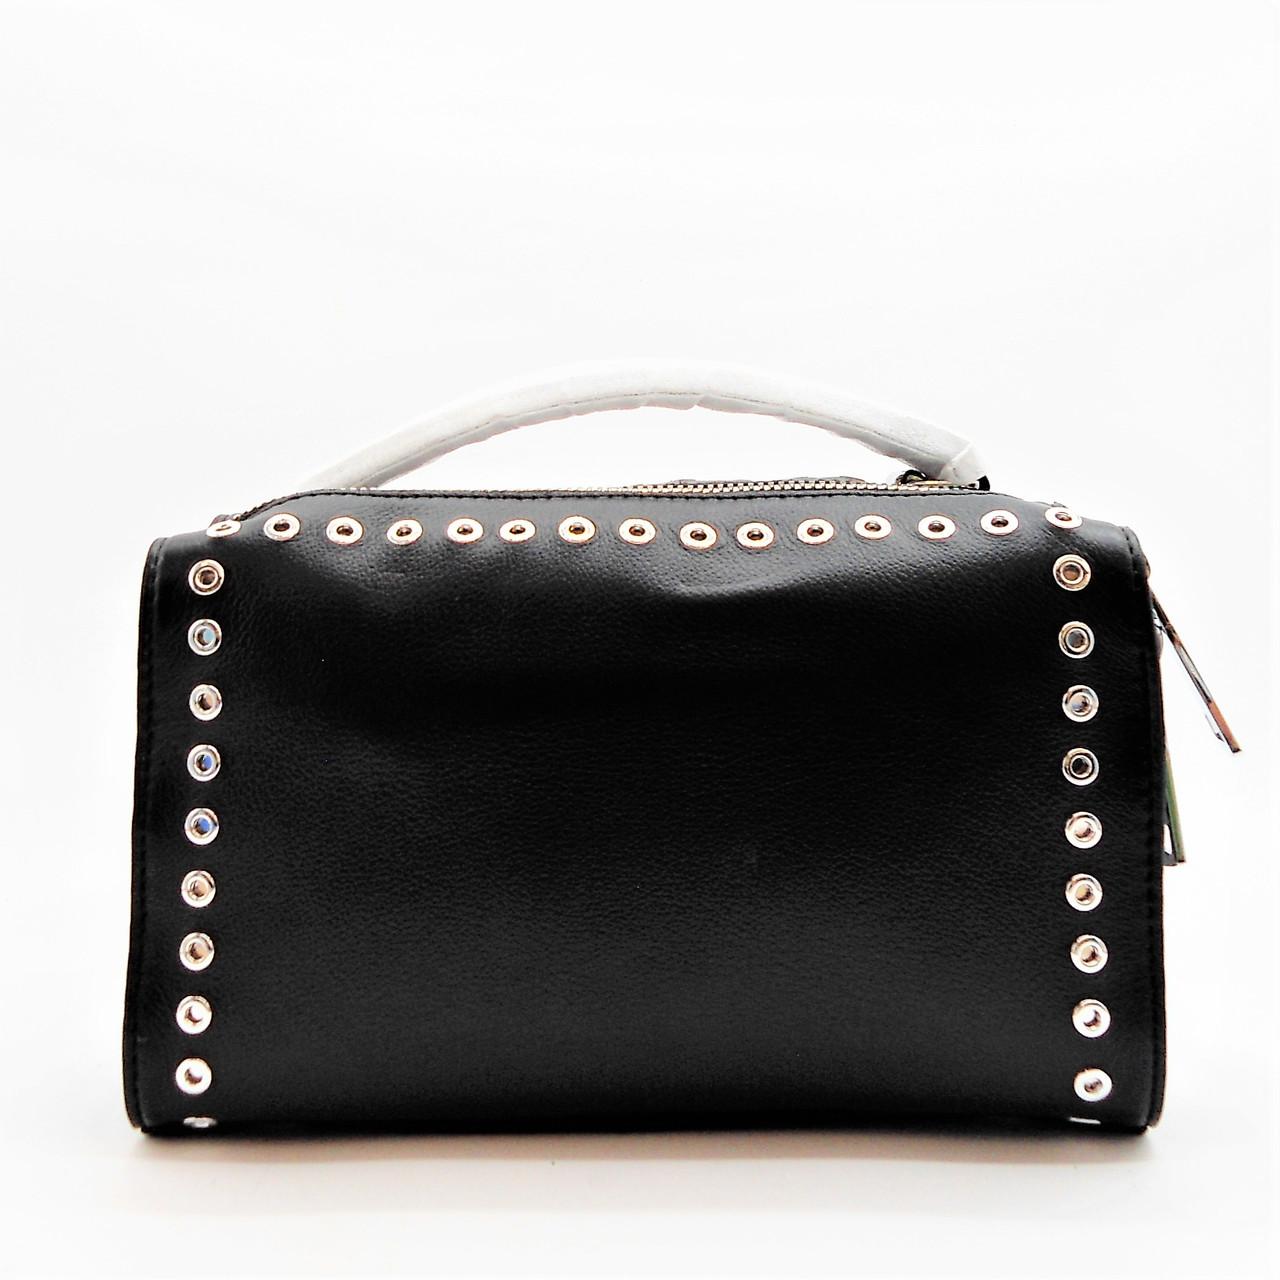 35e0b2dd3a70 Стильная женская кожаная сумочка в руку DBN-031661 Италия: купить ...